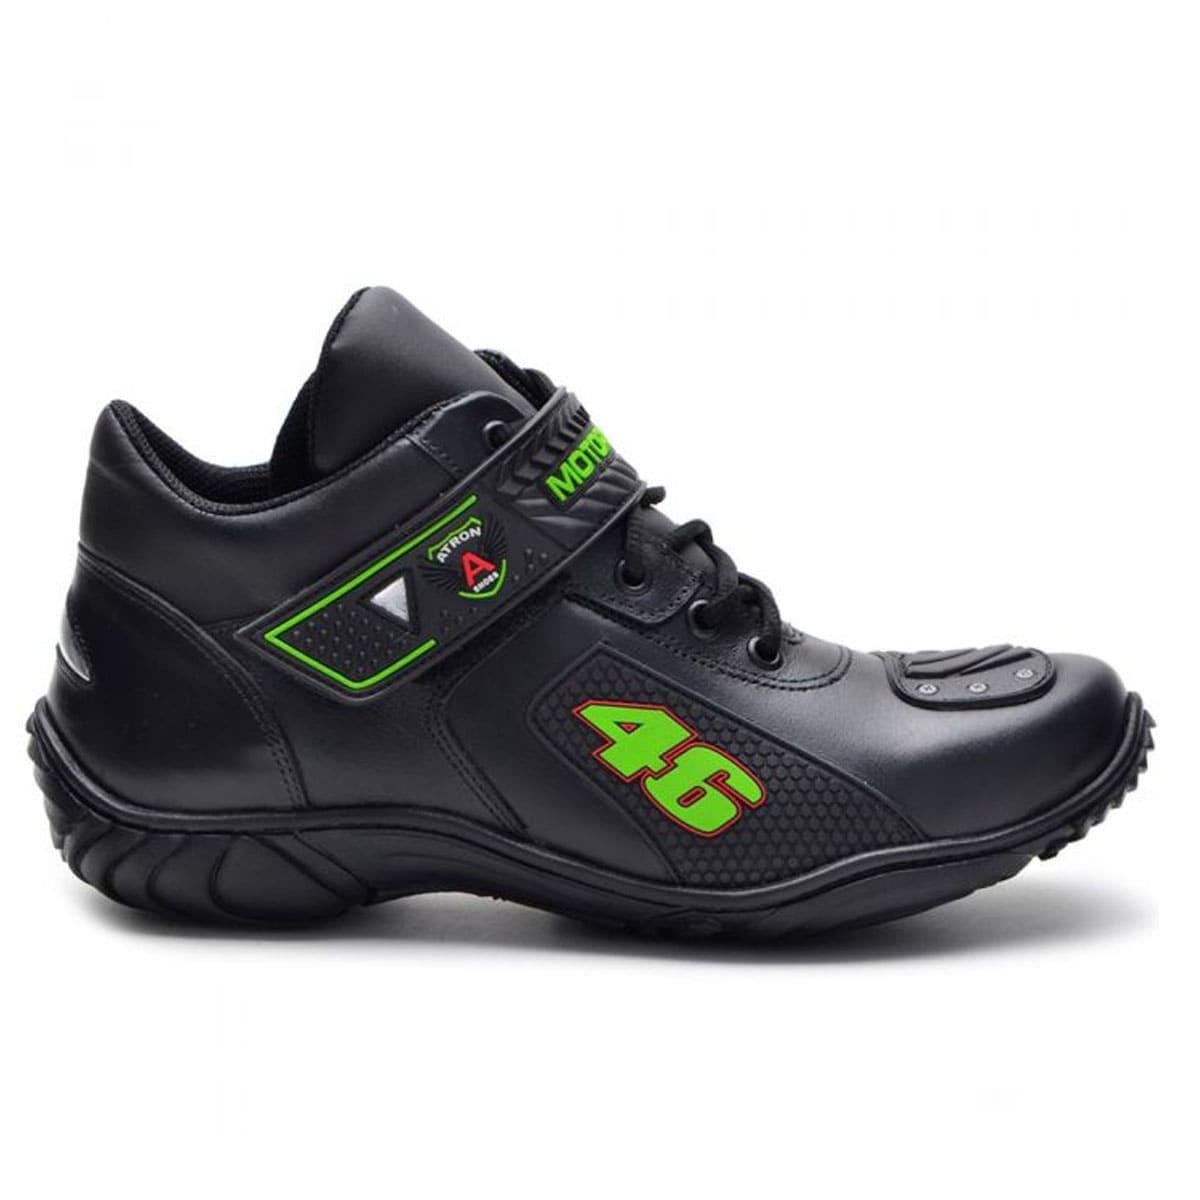 Bota motociclista Valentino Rossi em couro legítimo 46 verde com chinelo Atron Shoes de borracha 401